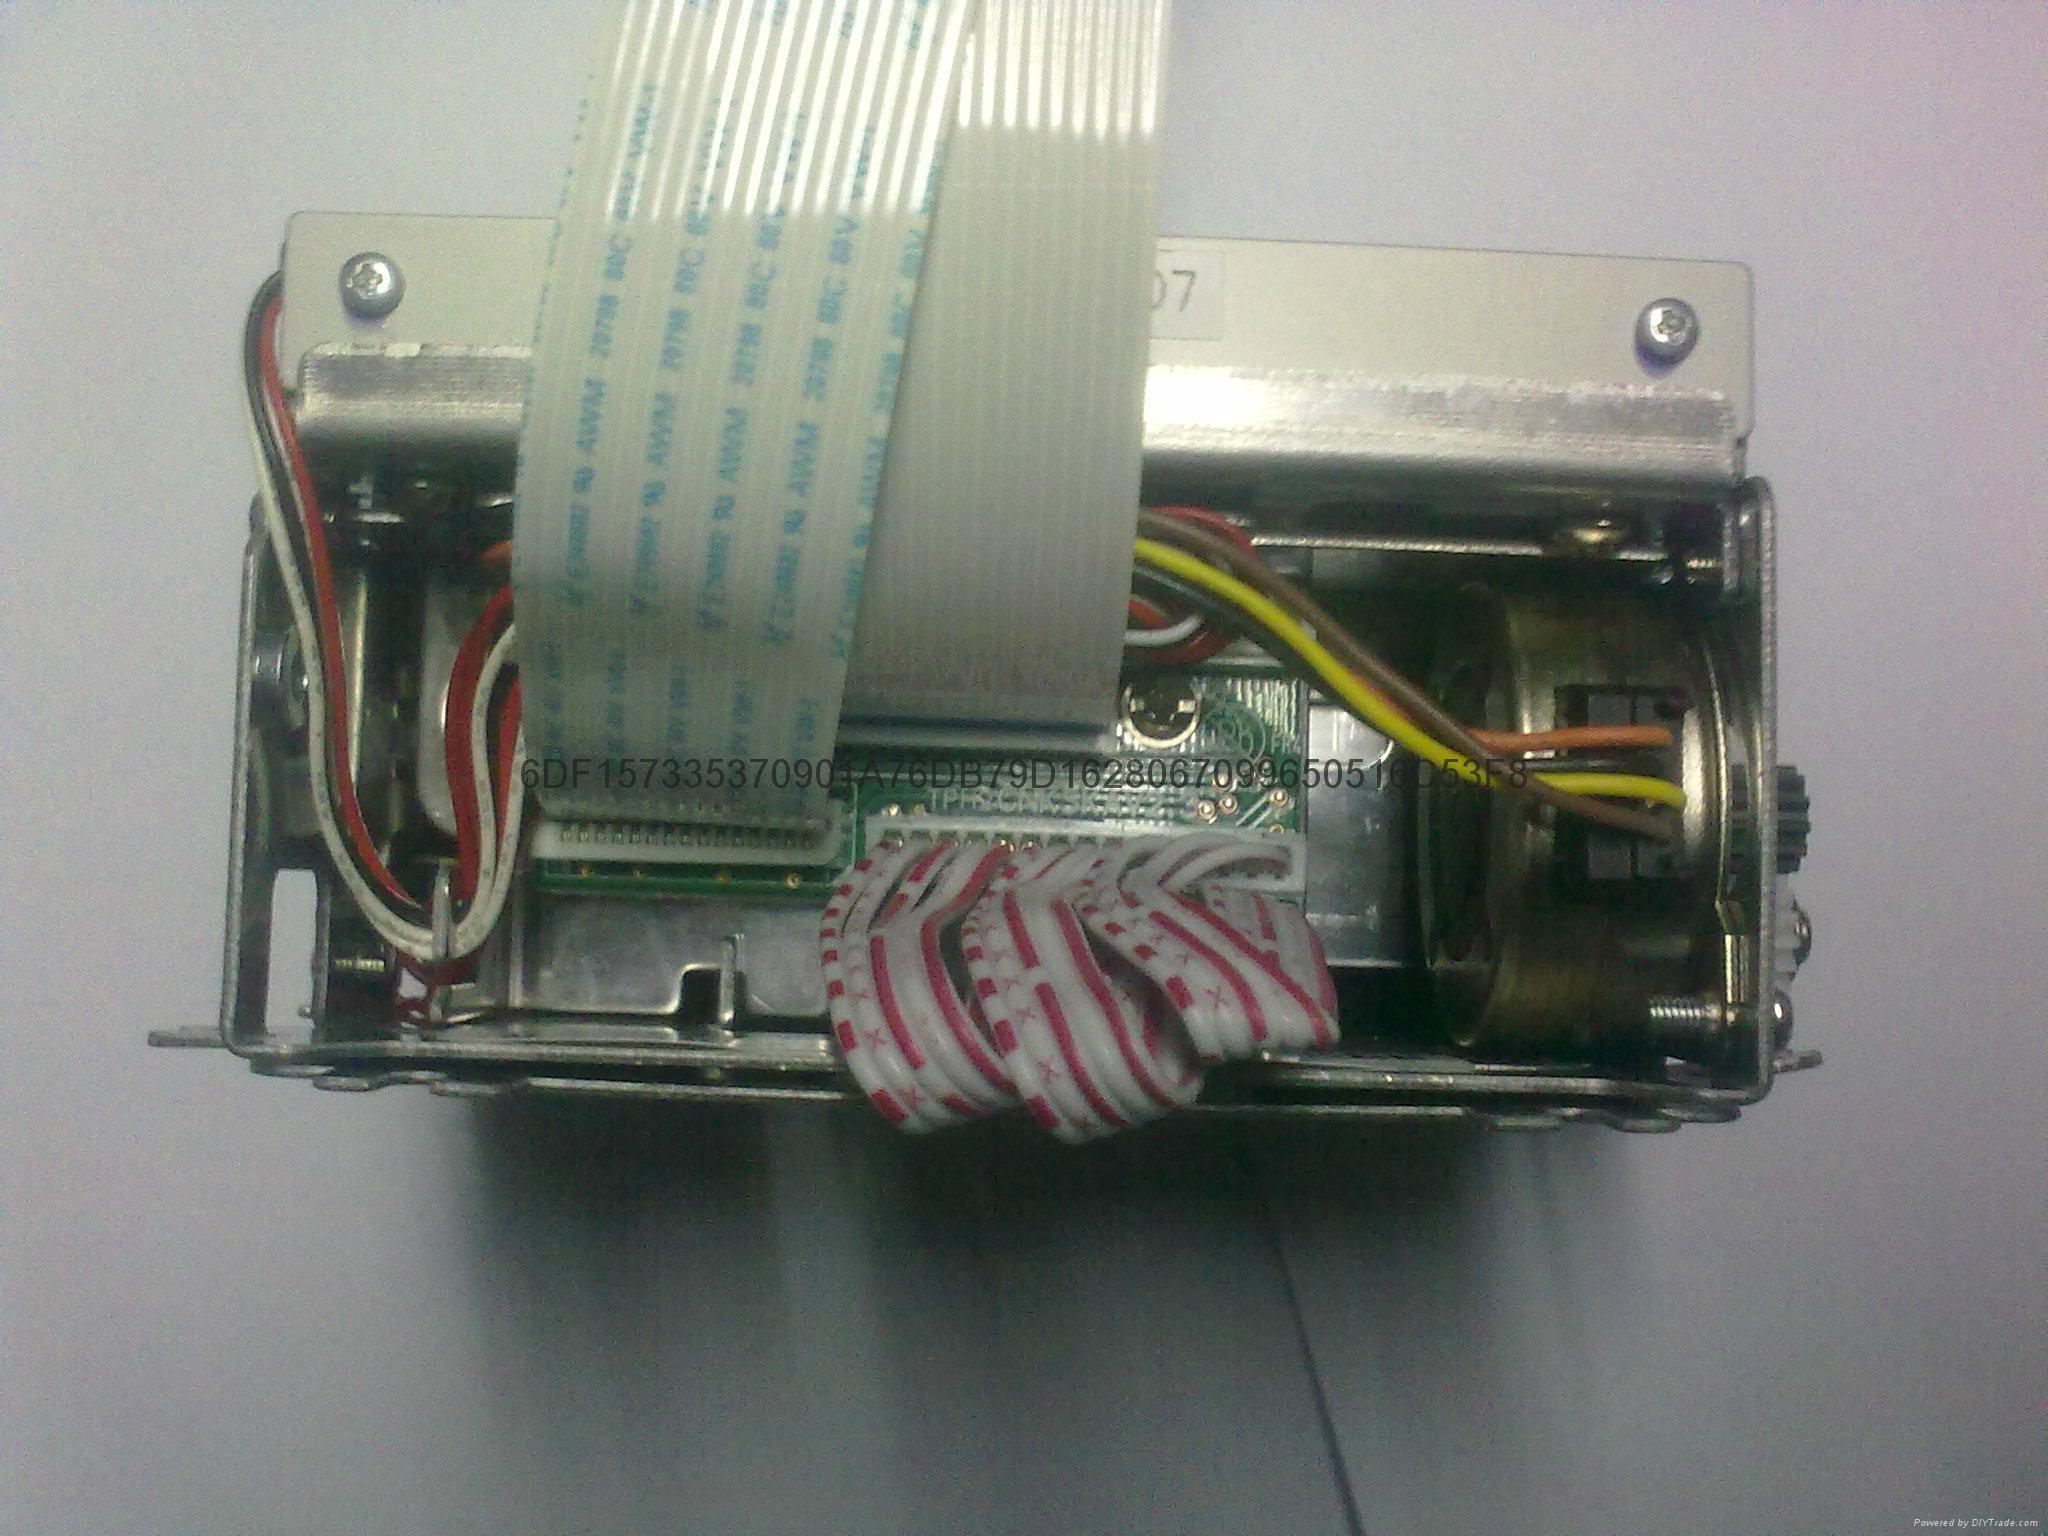 BT-T080 80mm Kiosk Thermal Printer 3